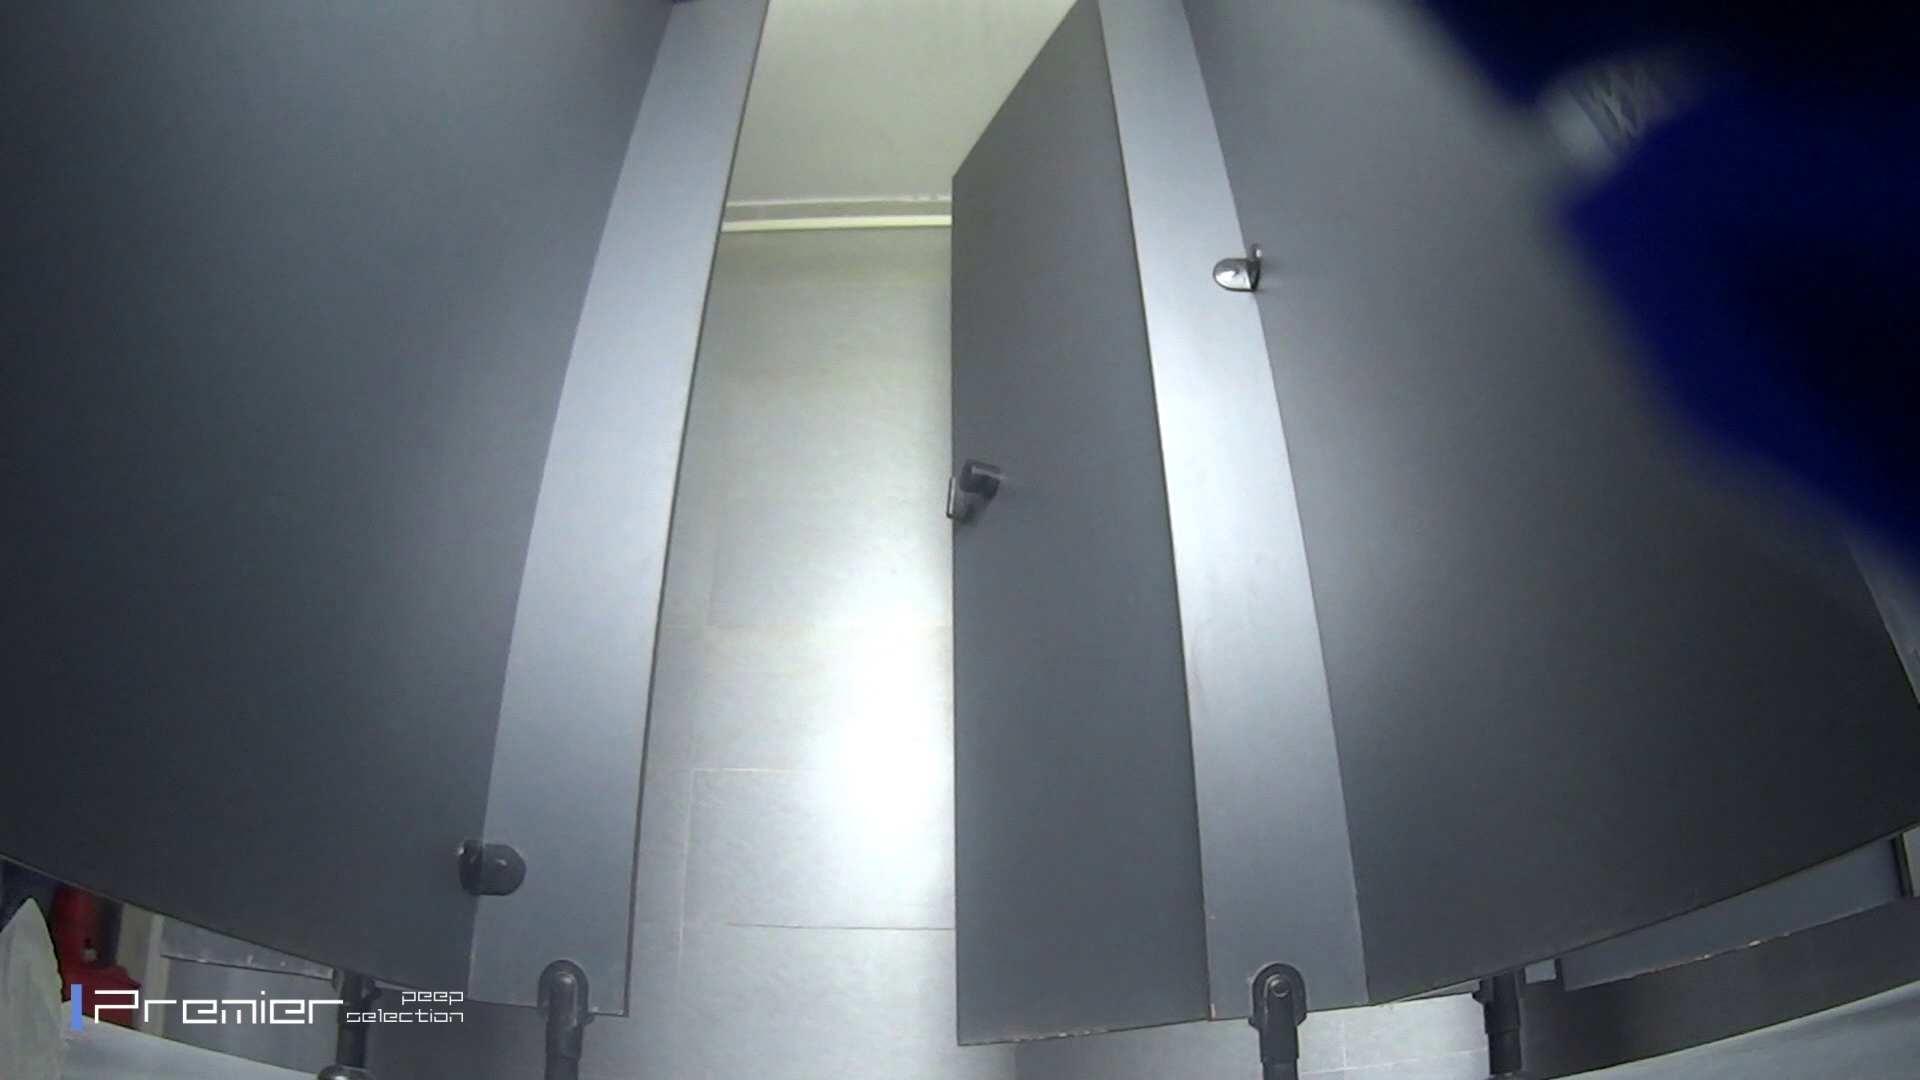 アダルトエロ動画|ツンデレお女市さんのトイレ事情 大学休憩時間の洗面所事情32|怪盗ジョーカー